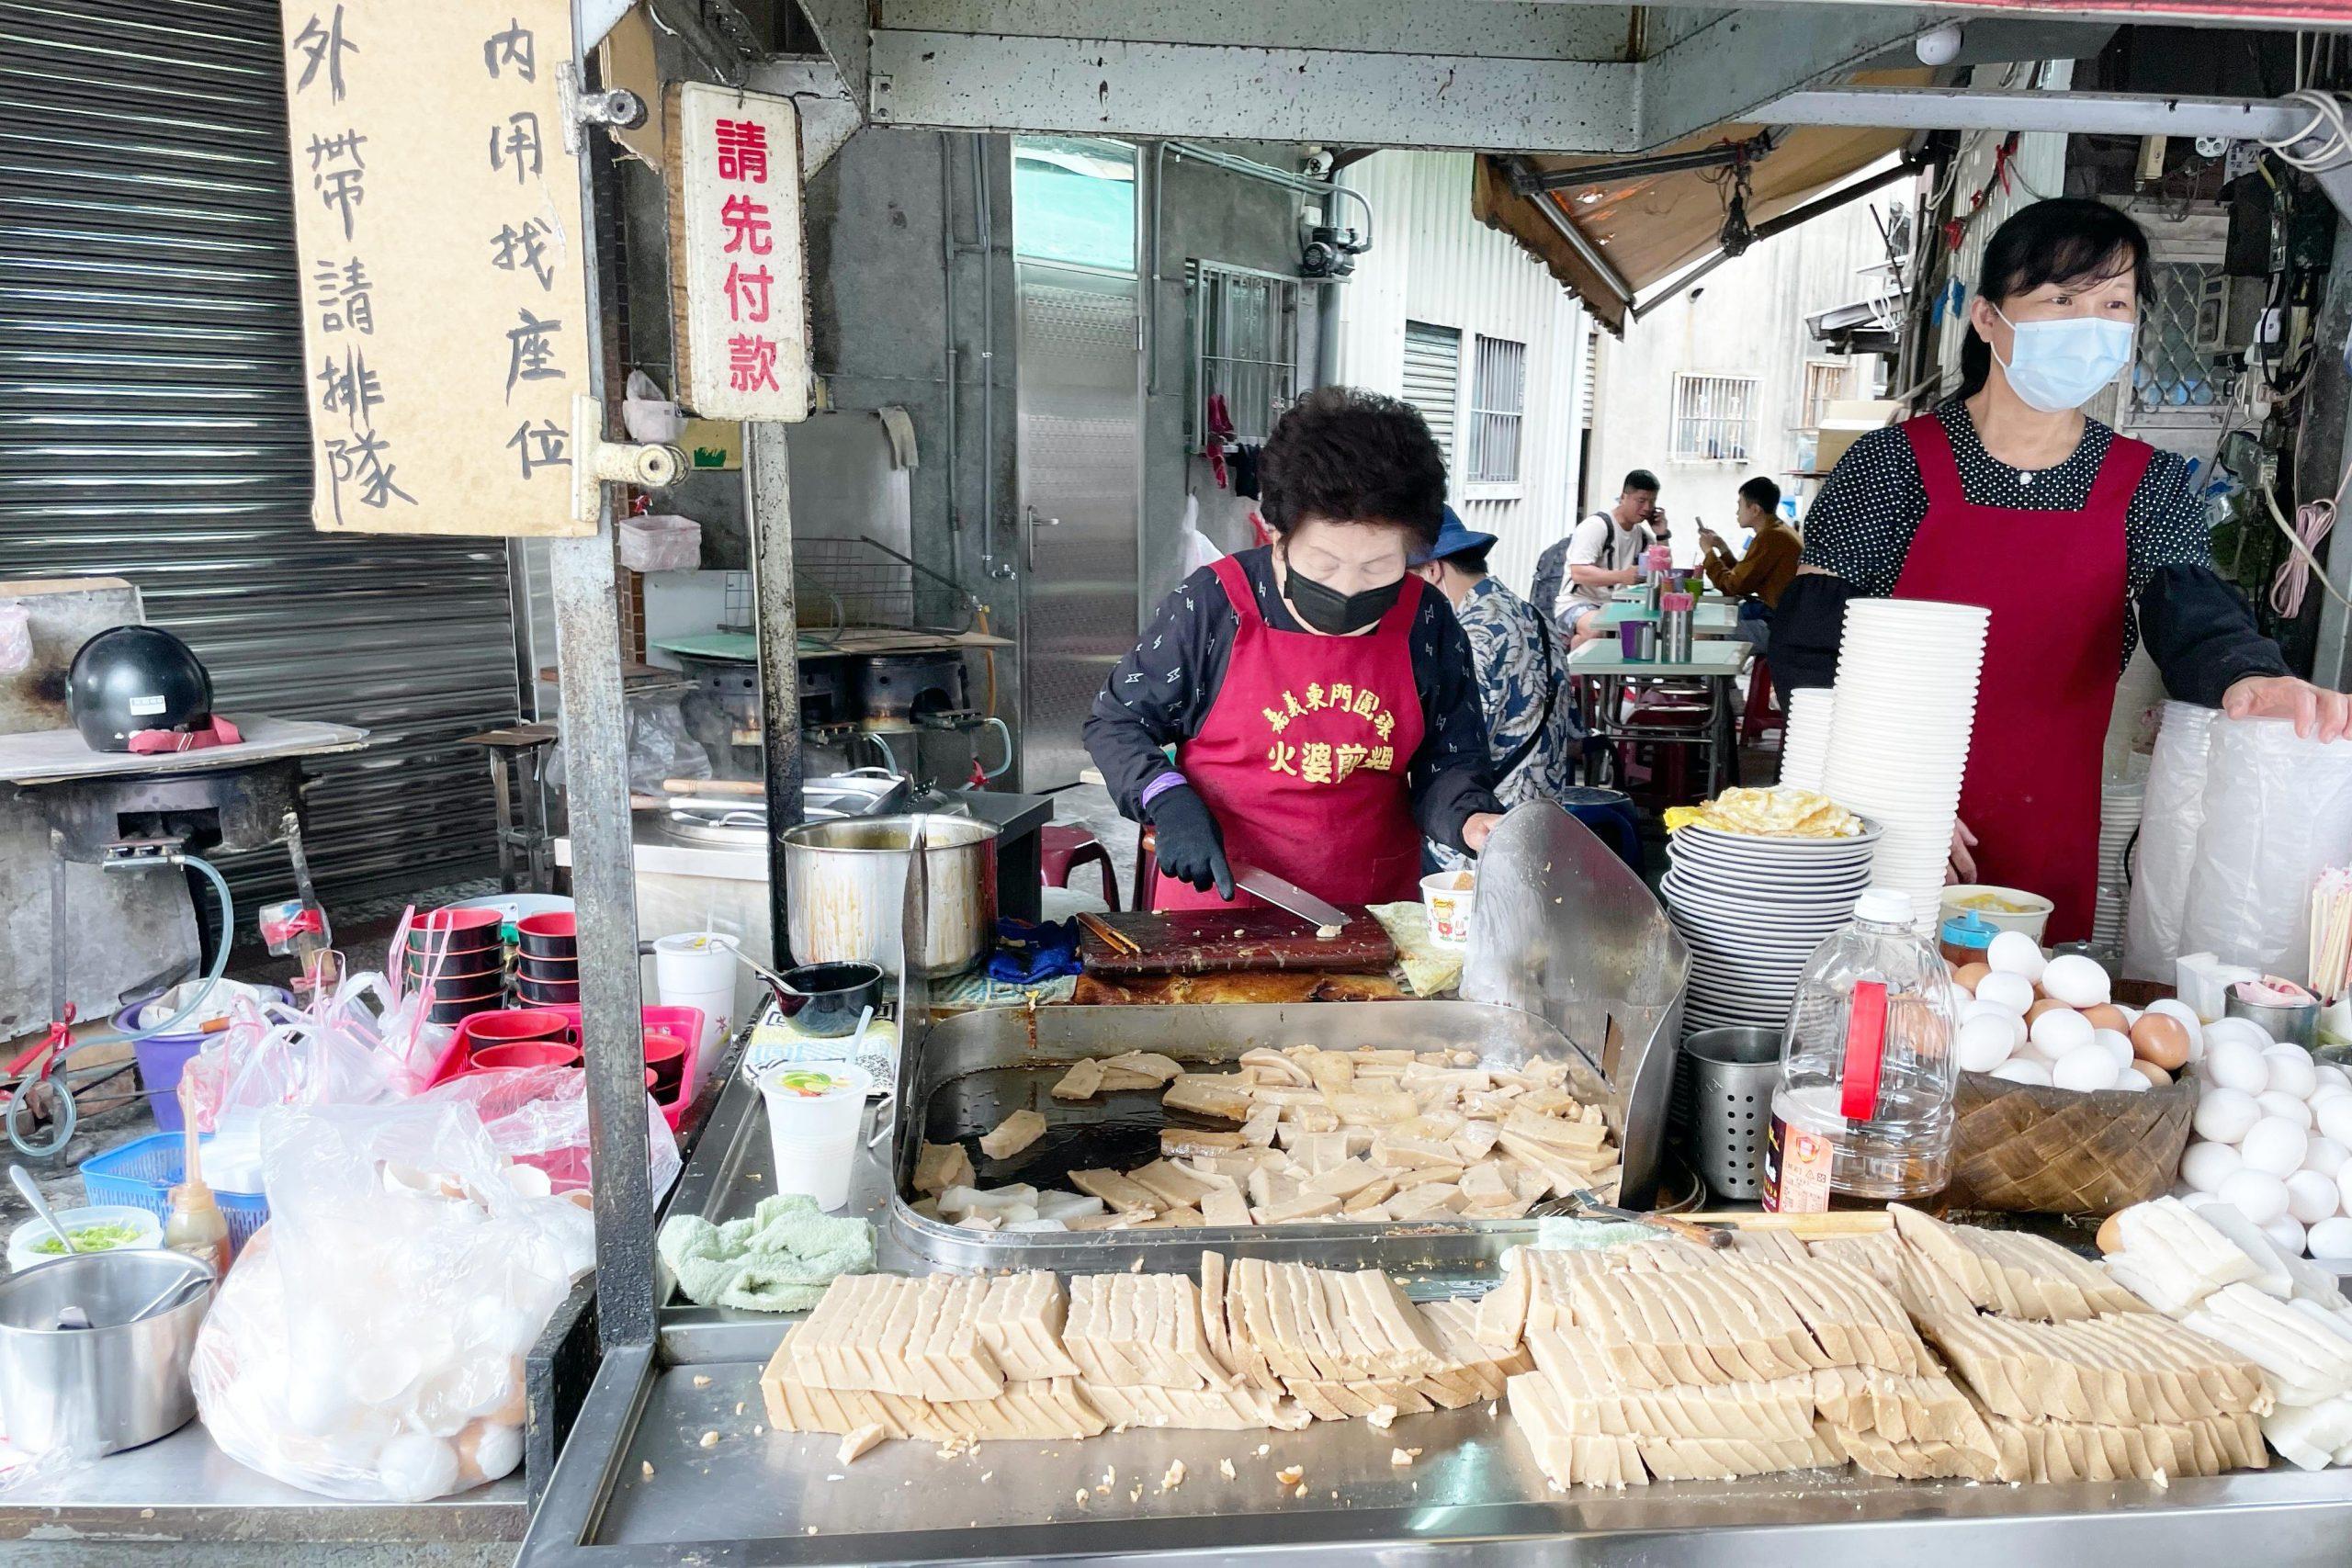 即時熱門文章:【嘉義美食】東門圓環火婆煎粿,嘉義早餐推薦